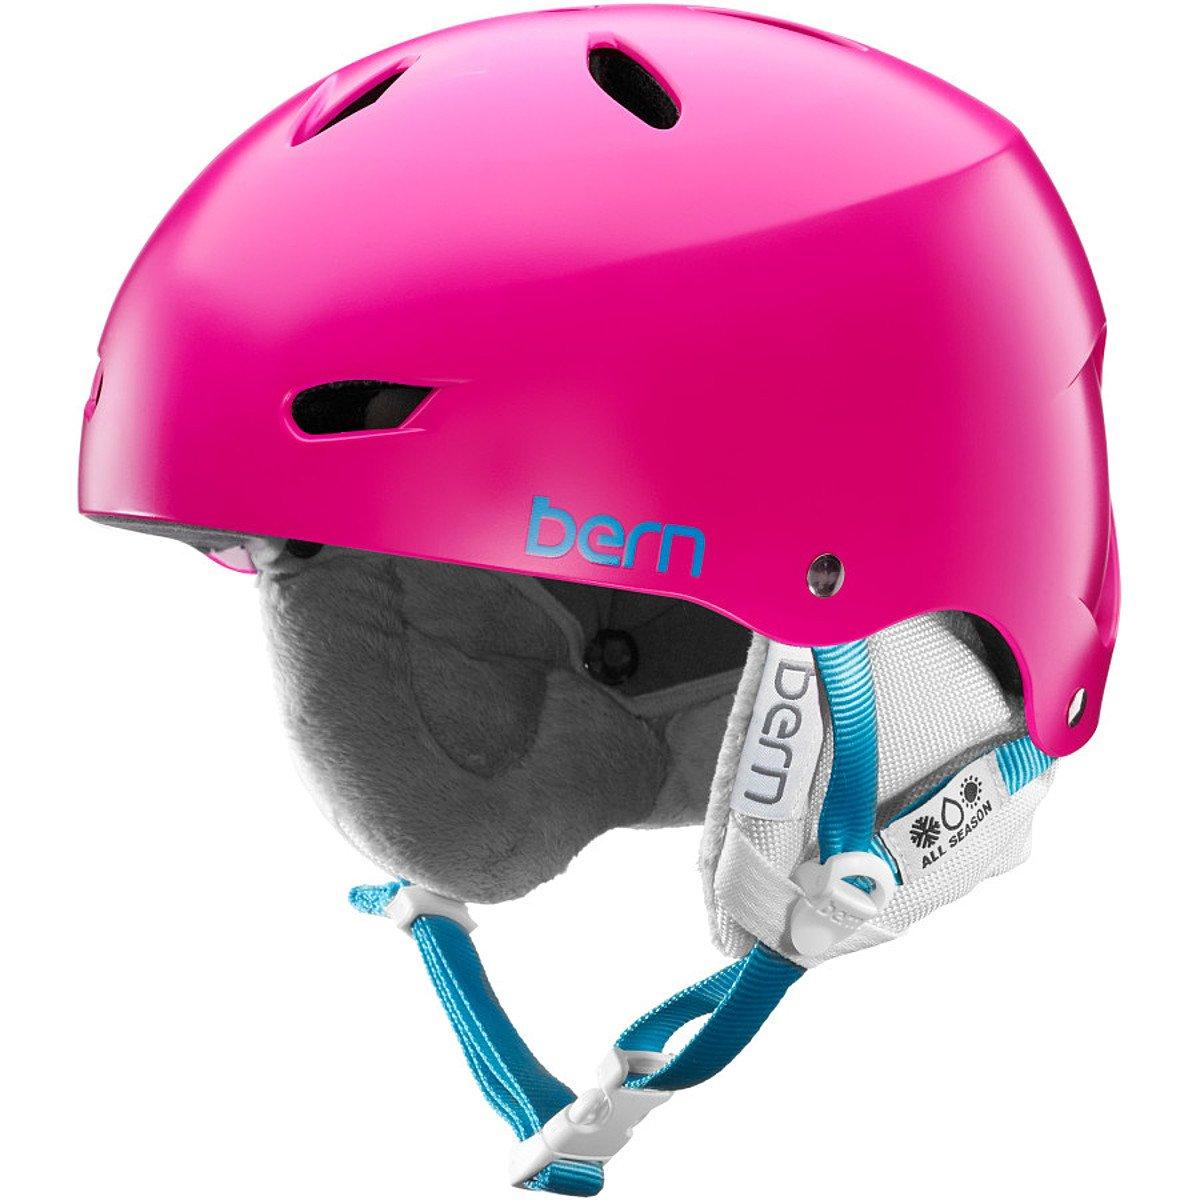 Bern Brighton Helmet - Matte schwarz